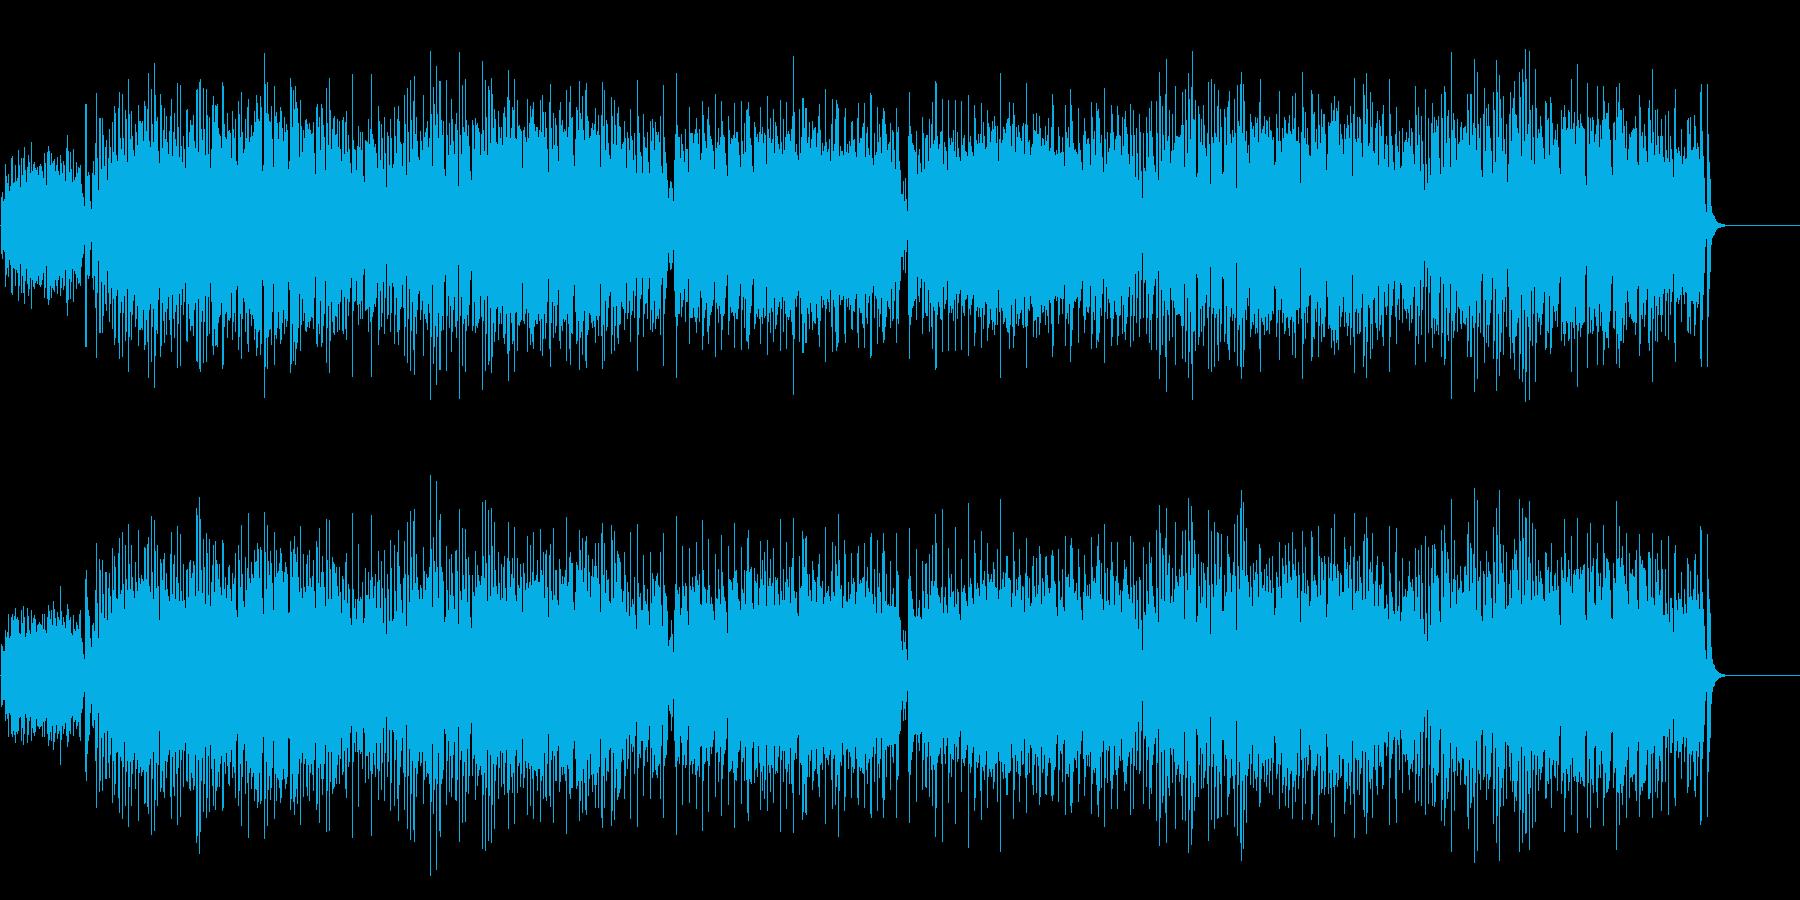 ピアノ・ミュージック・レビューの再生済みの波形